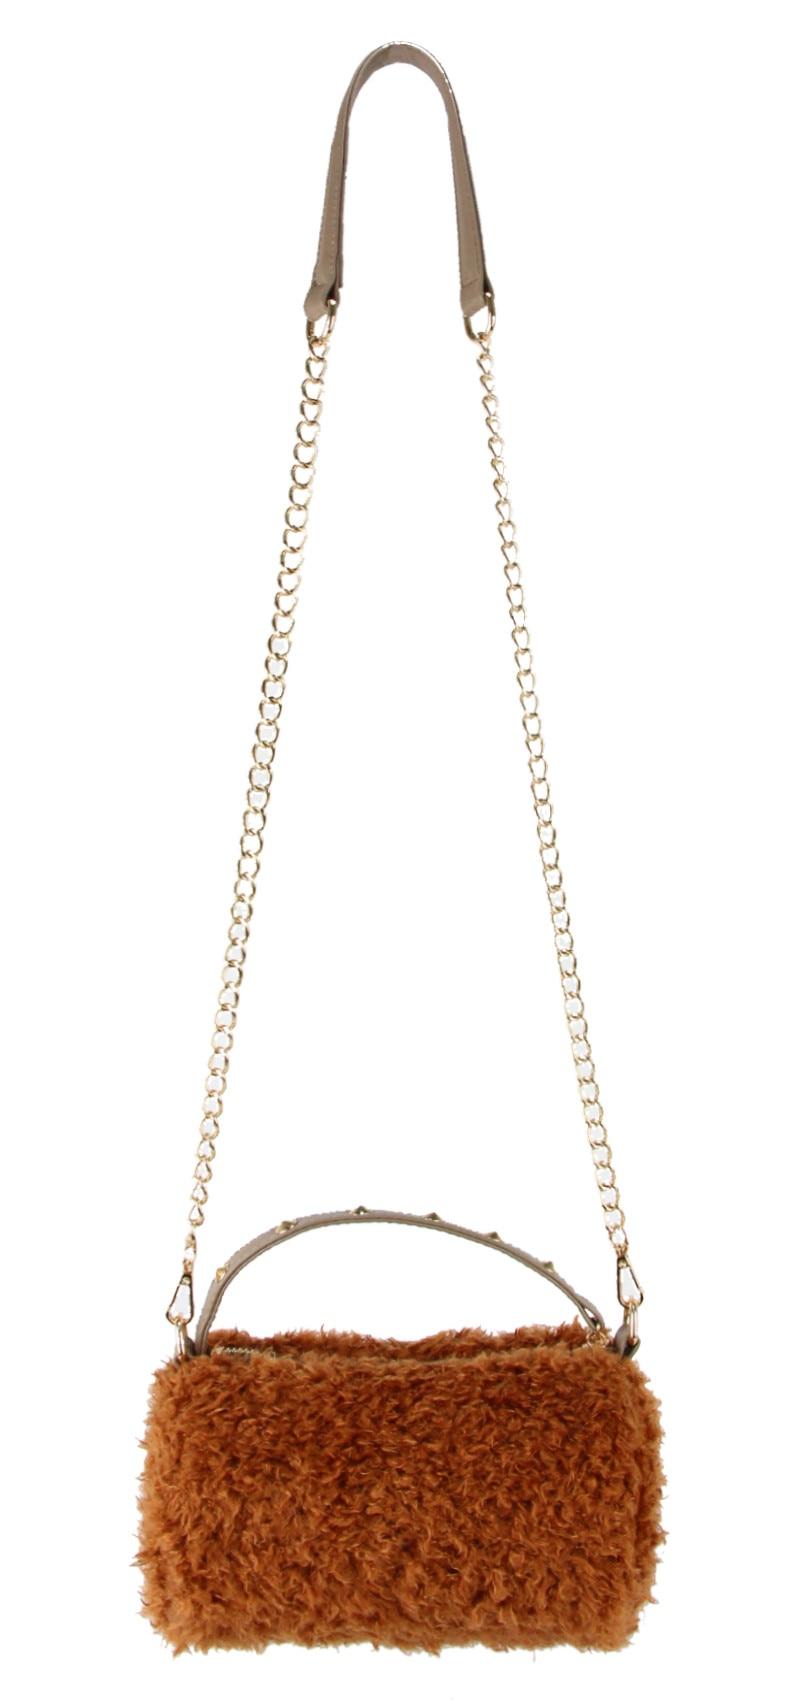 MiCOM Fashion Crossbody Bags for Women Faux Fur Handbag Shoulder Bag Small Plush Ladies Hand Bags Female Purse Messenger Bag